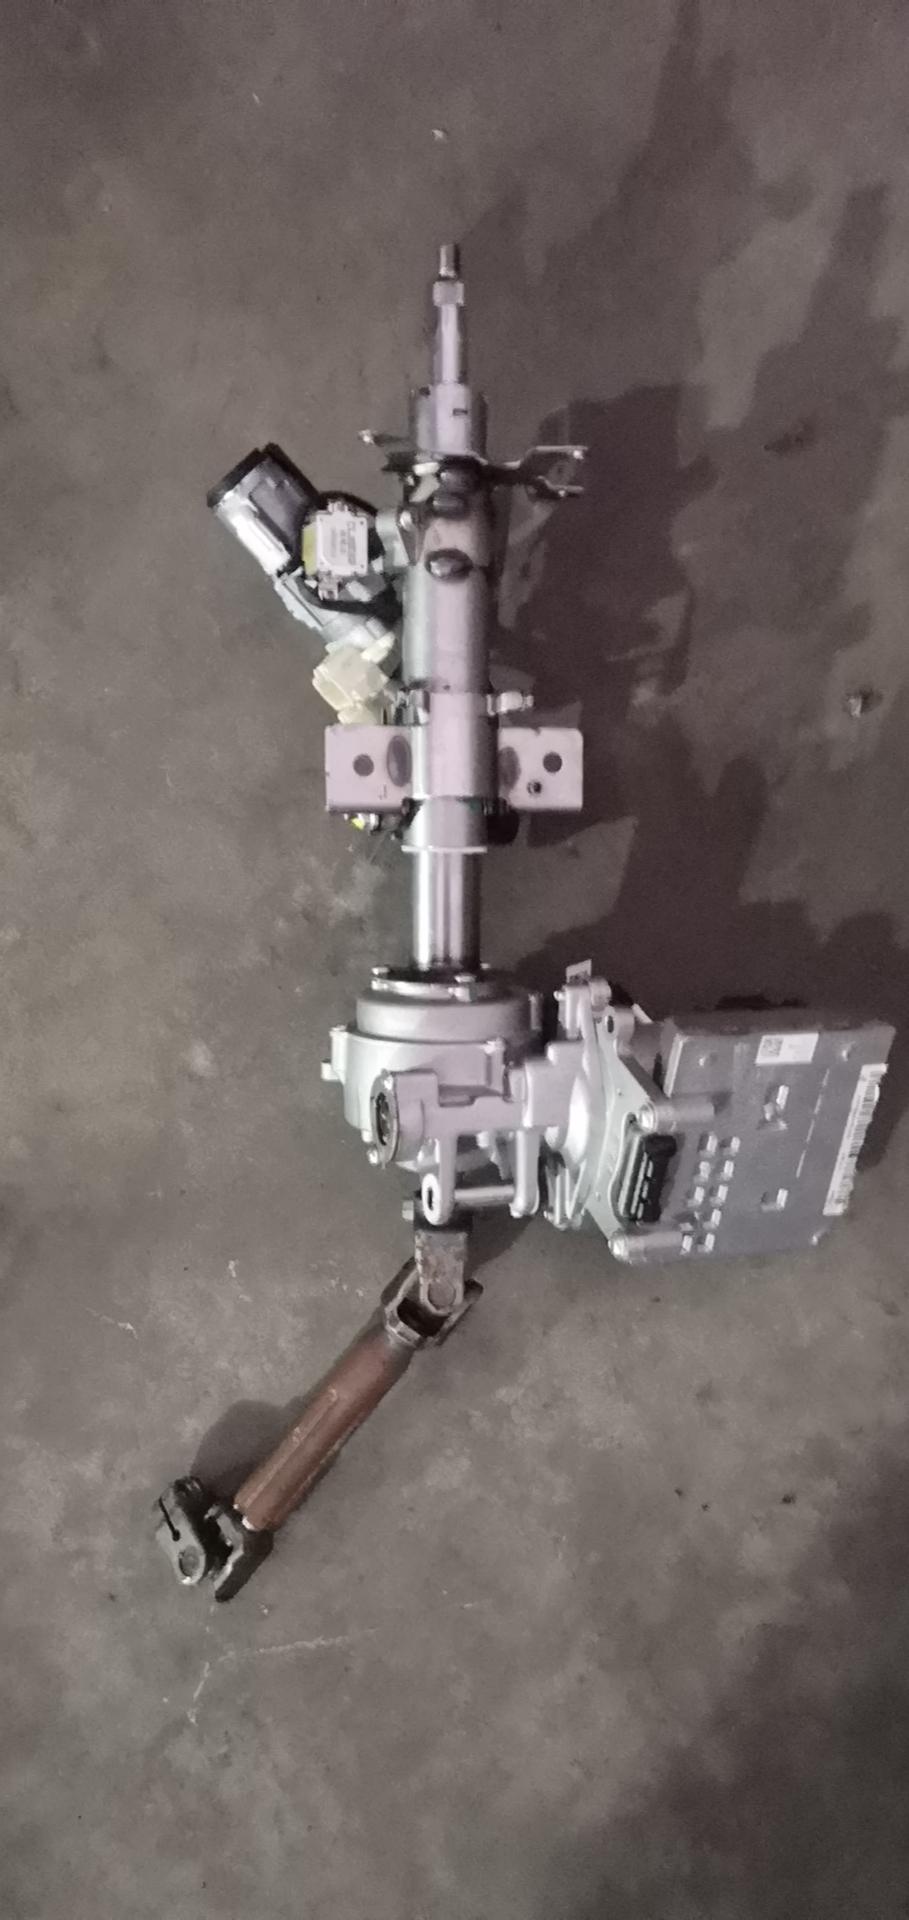 奔騰-奔騰B30 方向機轉向支柱有問題,都換了兩個了